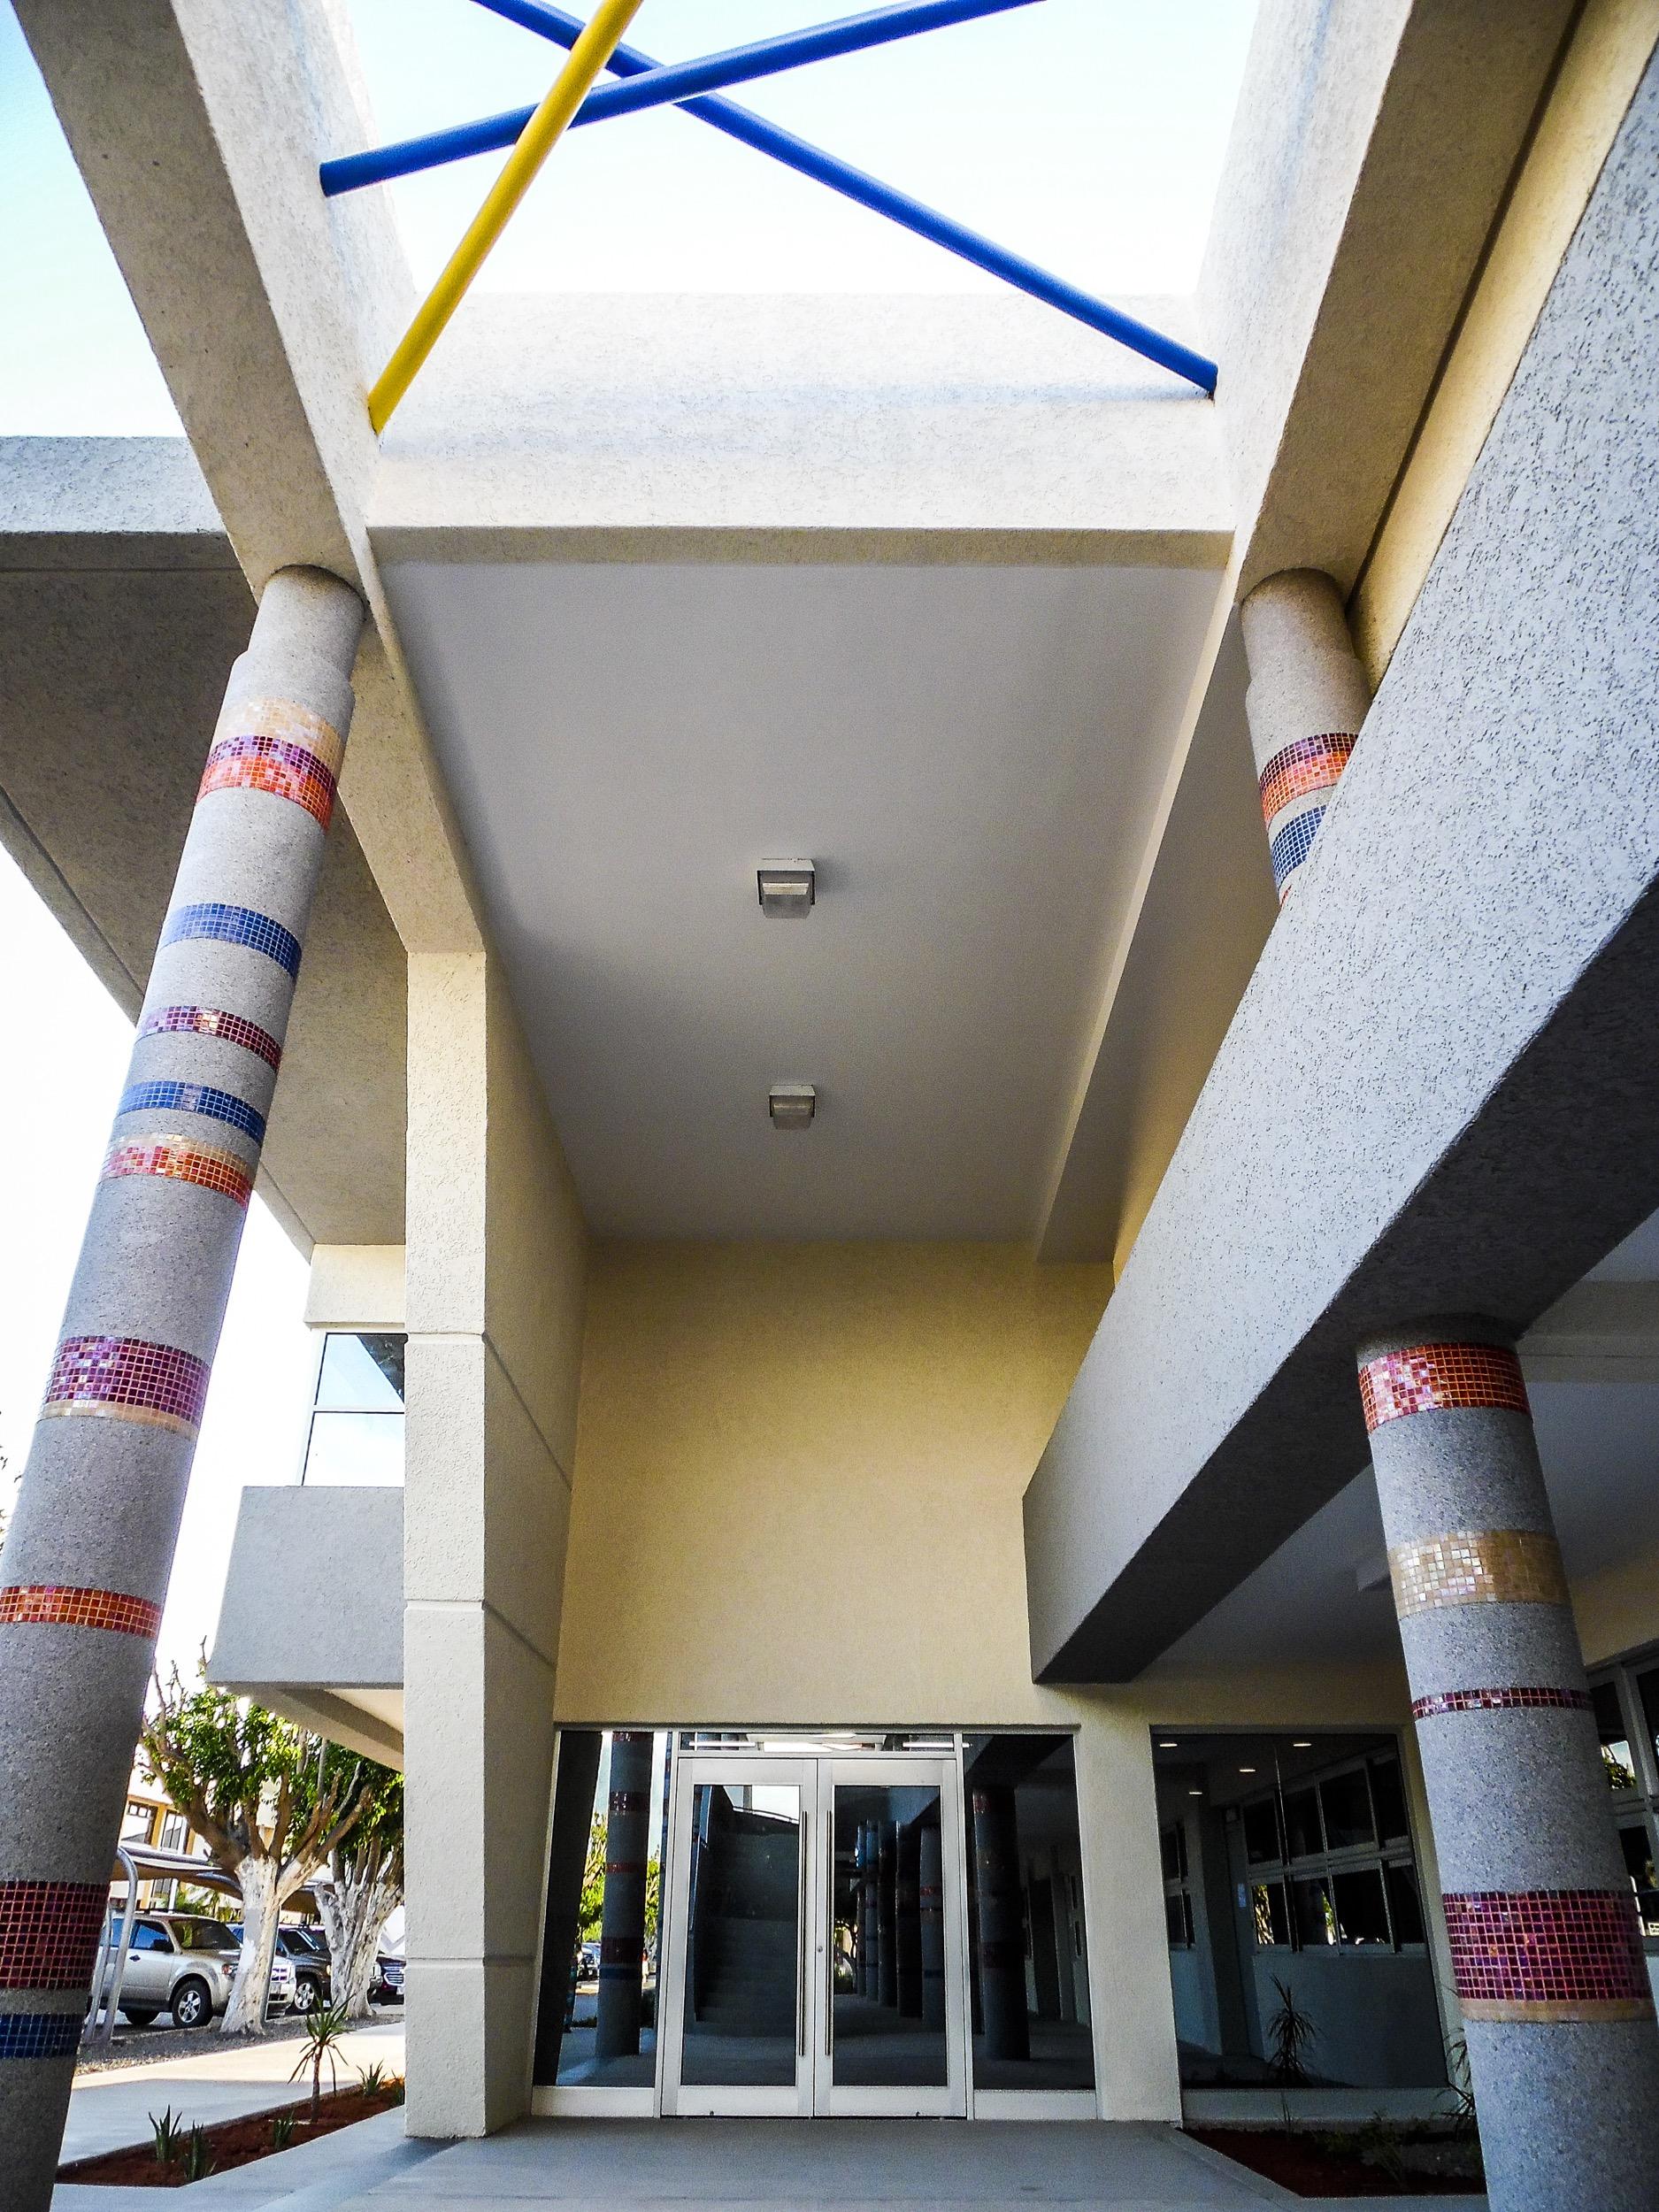 09-VBS-006 CENTRO DE IDIOMAS ITSON.jpg